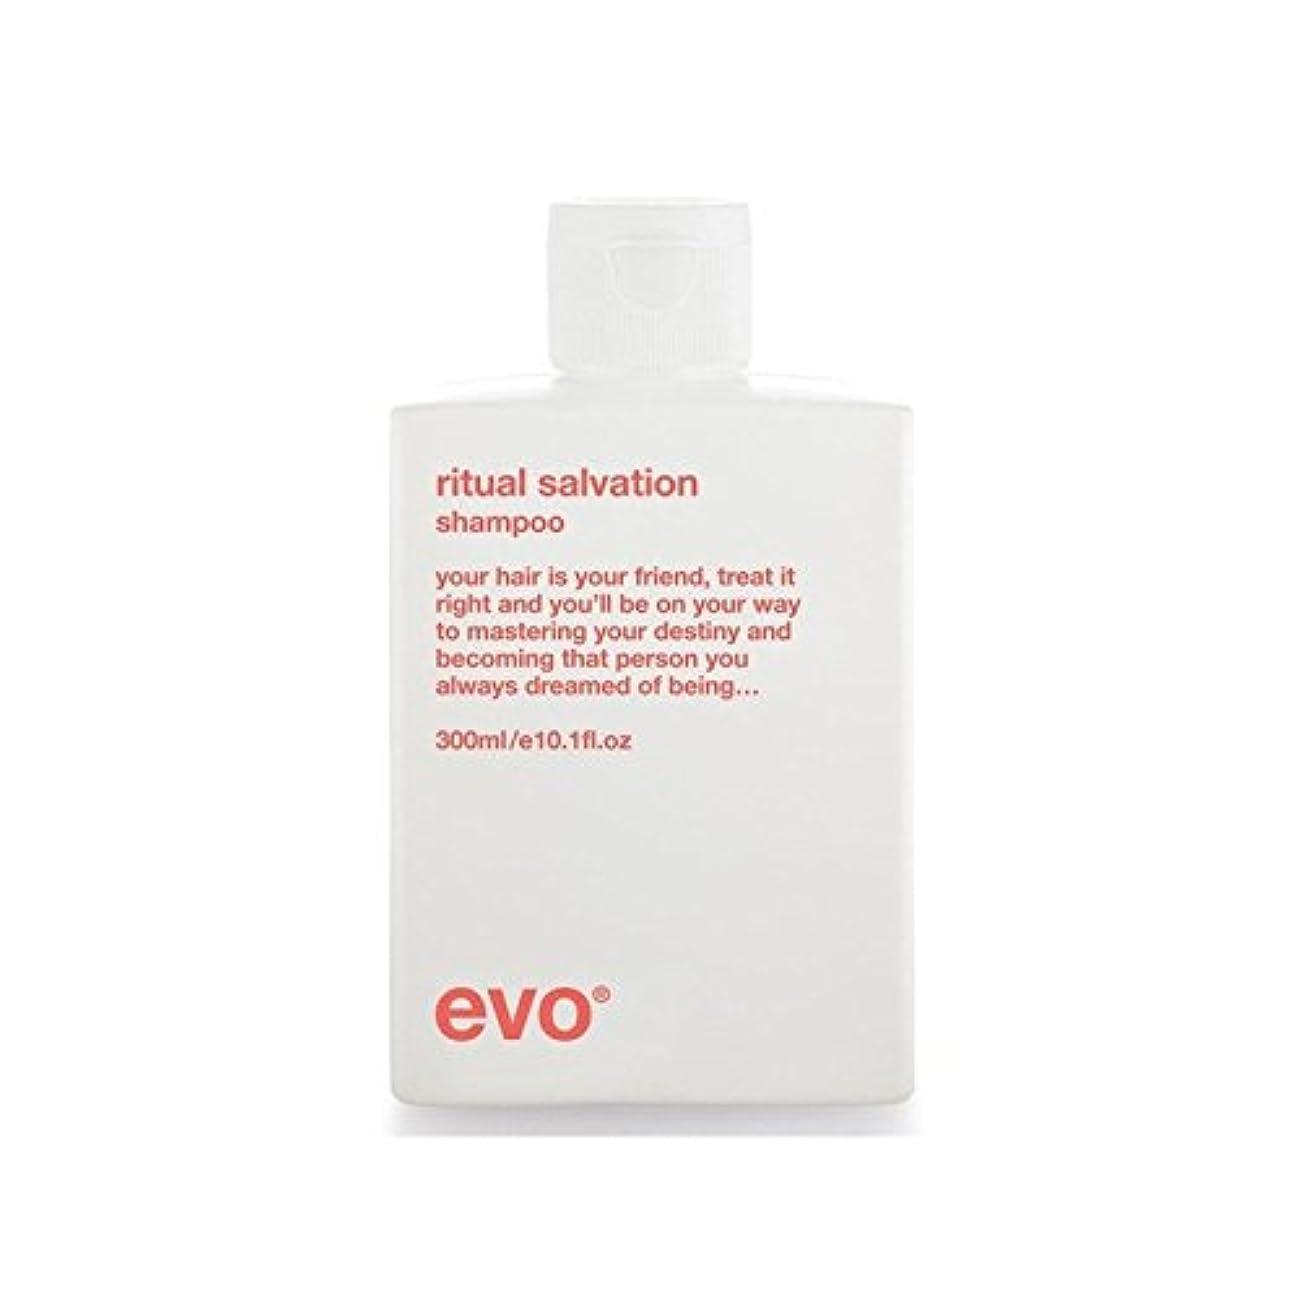 霜ムスタチオ優先Evo Ritual Salvation Shampoo (300ml) - エボ儀式救いシャンプー(300ミリリットル) [並行輸入品]